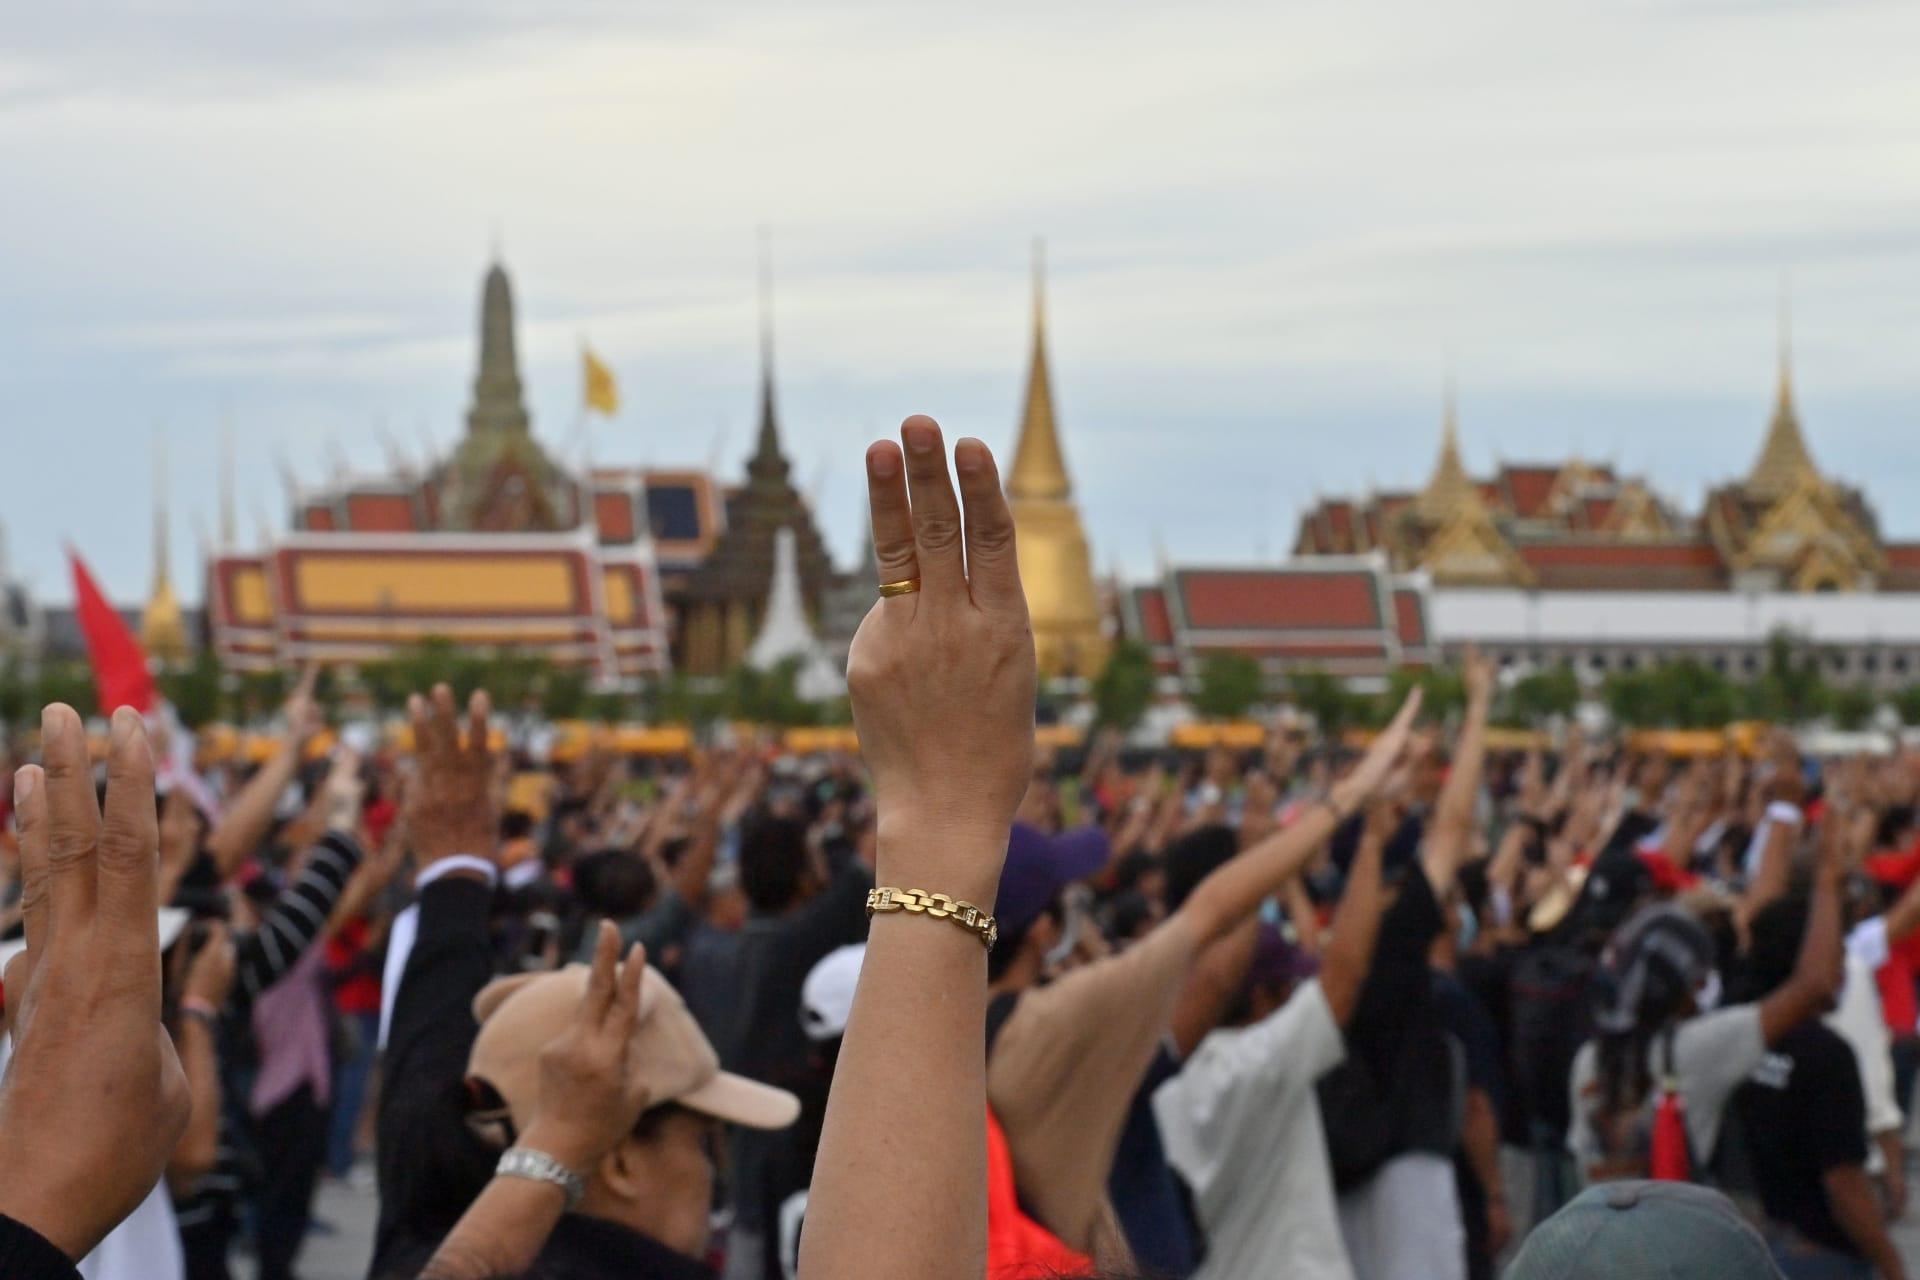 """متظاهرو تايلاند يعلنون """"انتصارهم"""" بعد تسليم مطالب """"إصلاح الملكية"""" إلى السلطات"""